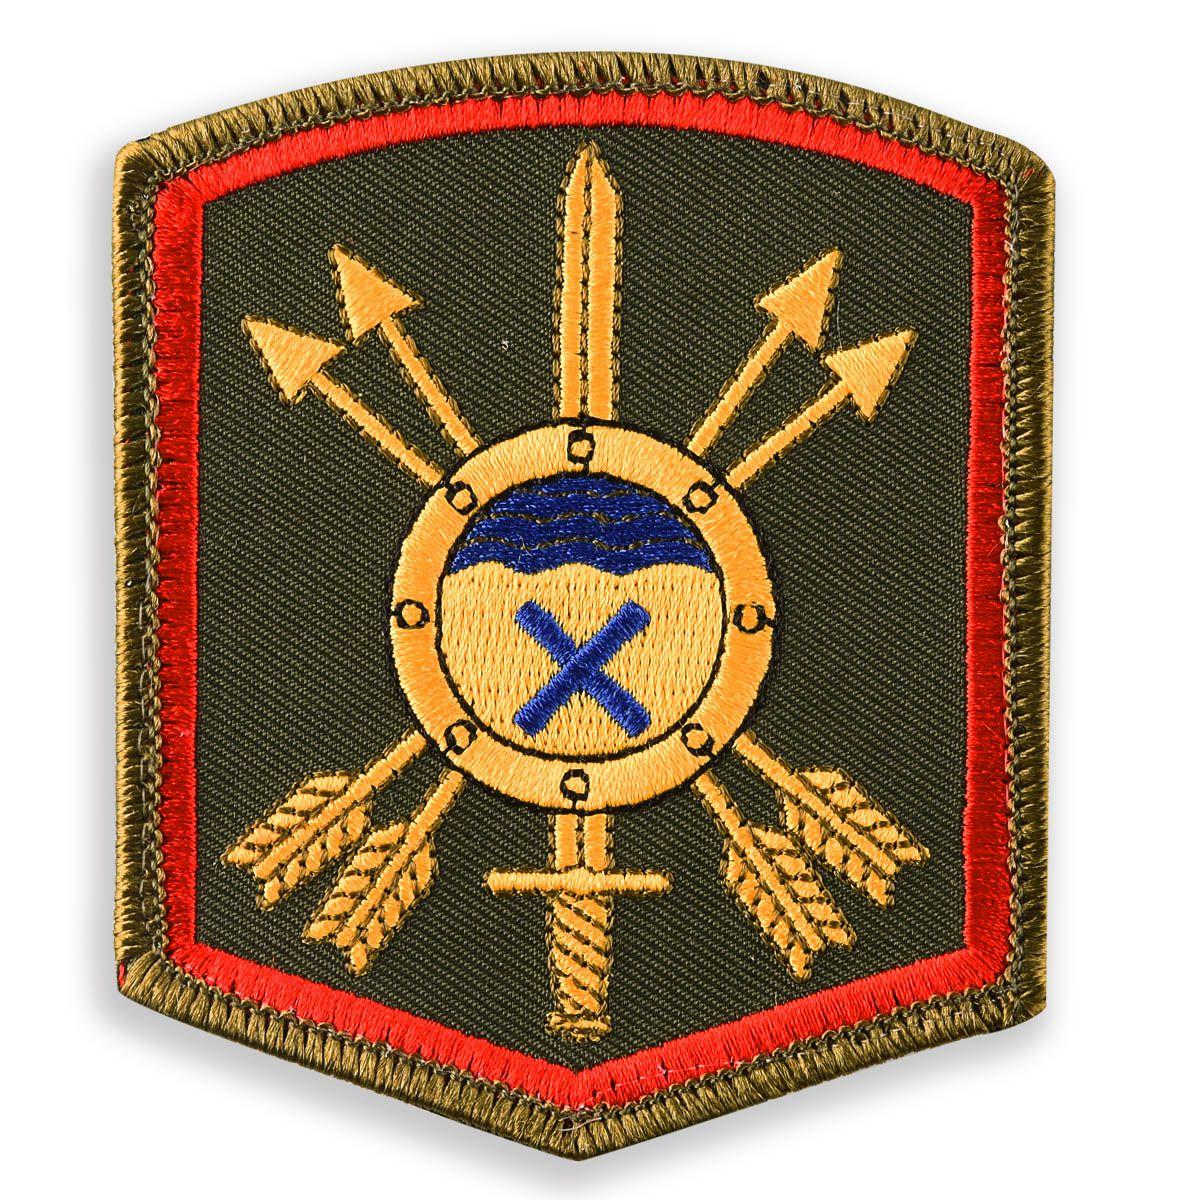 Военный шеврон 31-ой ракетной армии РВСН